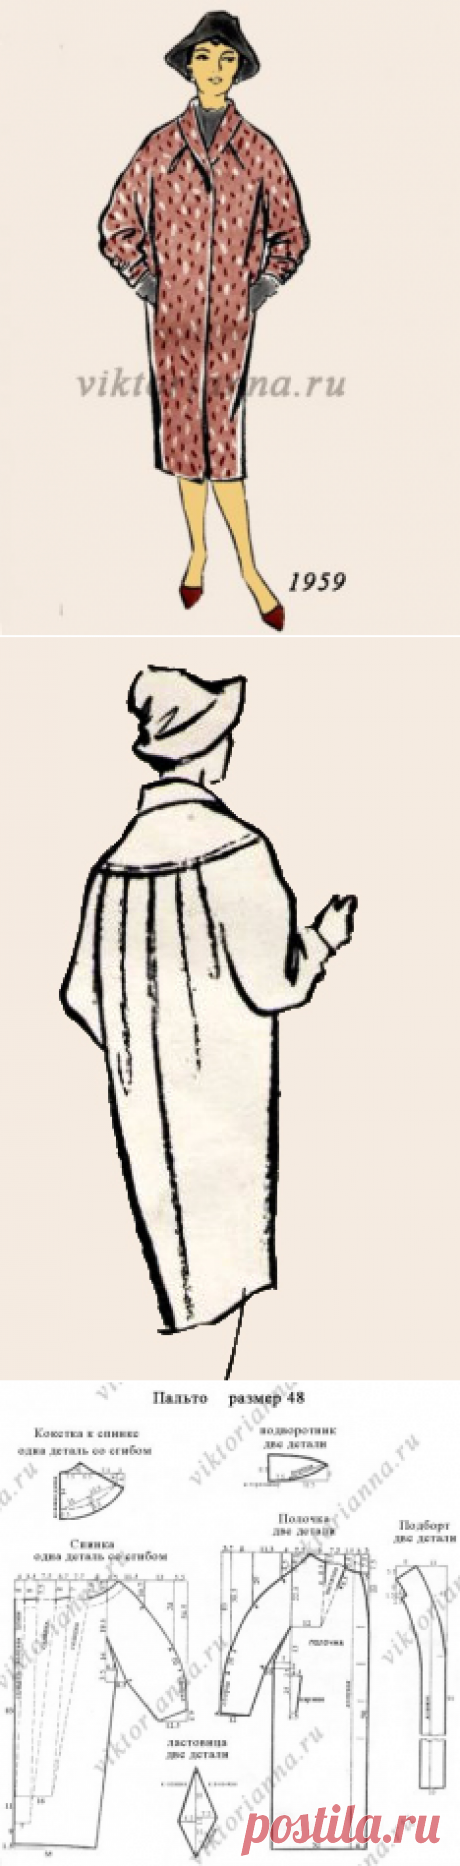 El abrigo el capullo con tselnokroenym por la manga: el patrón para la costura gratis